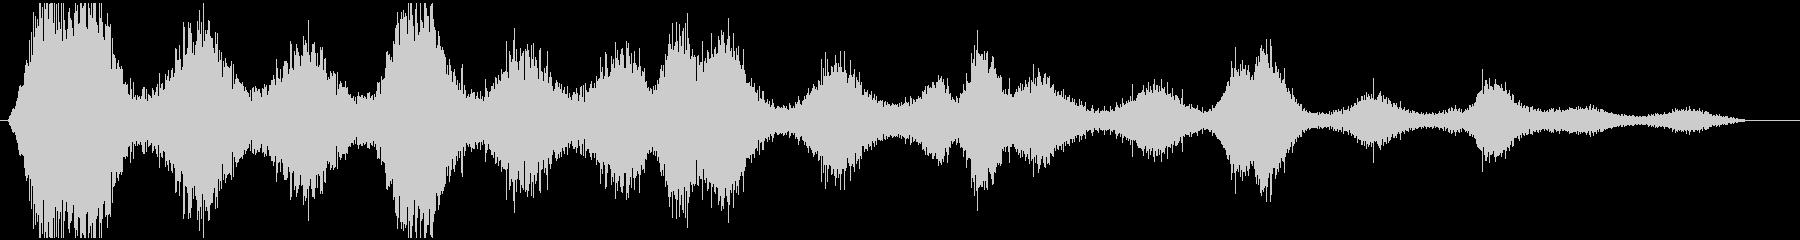 風の音 効果音の未再生の波形